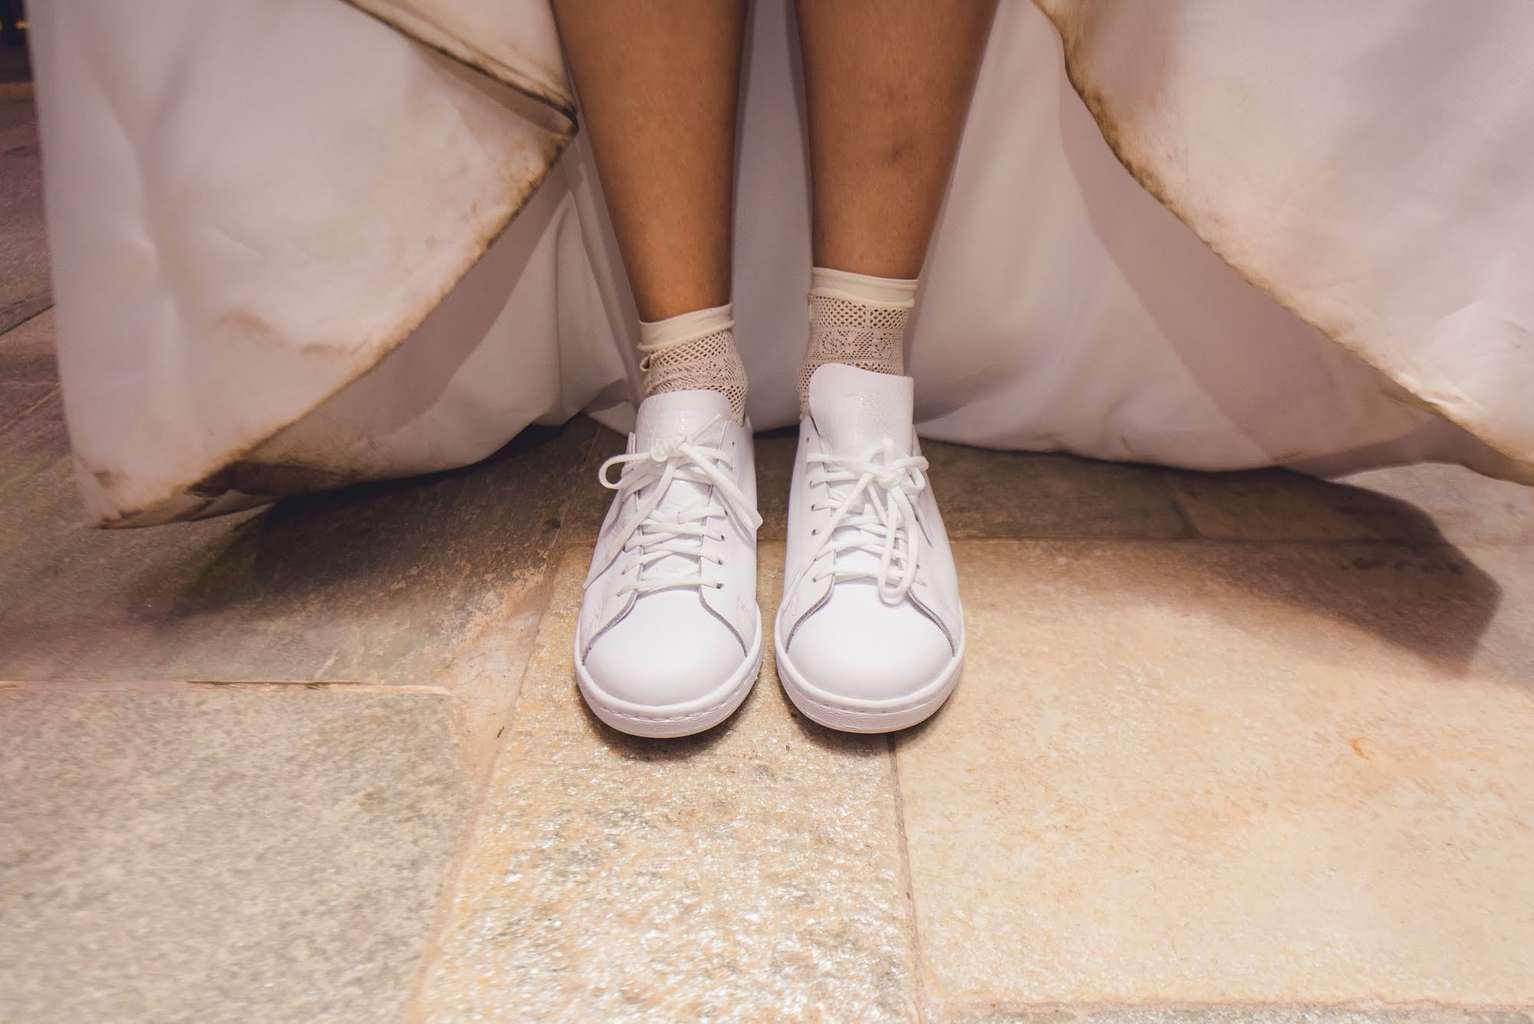 Casamento-Muvone_por-Wesley-Allen_baixa350